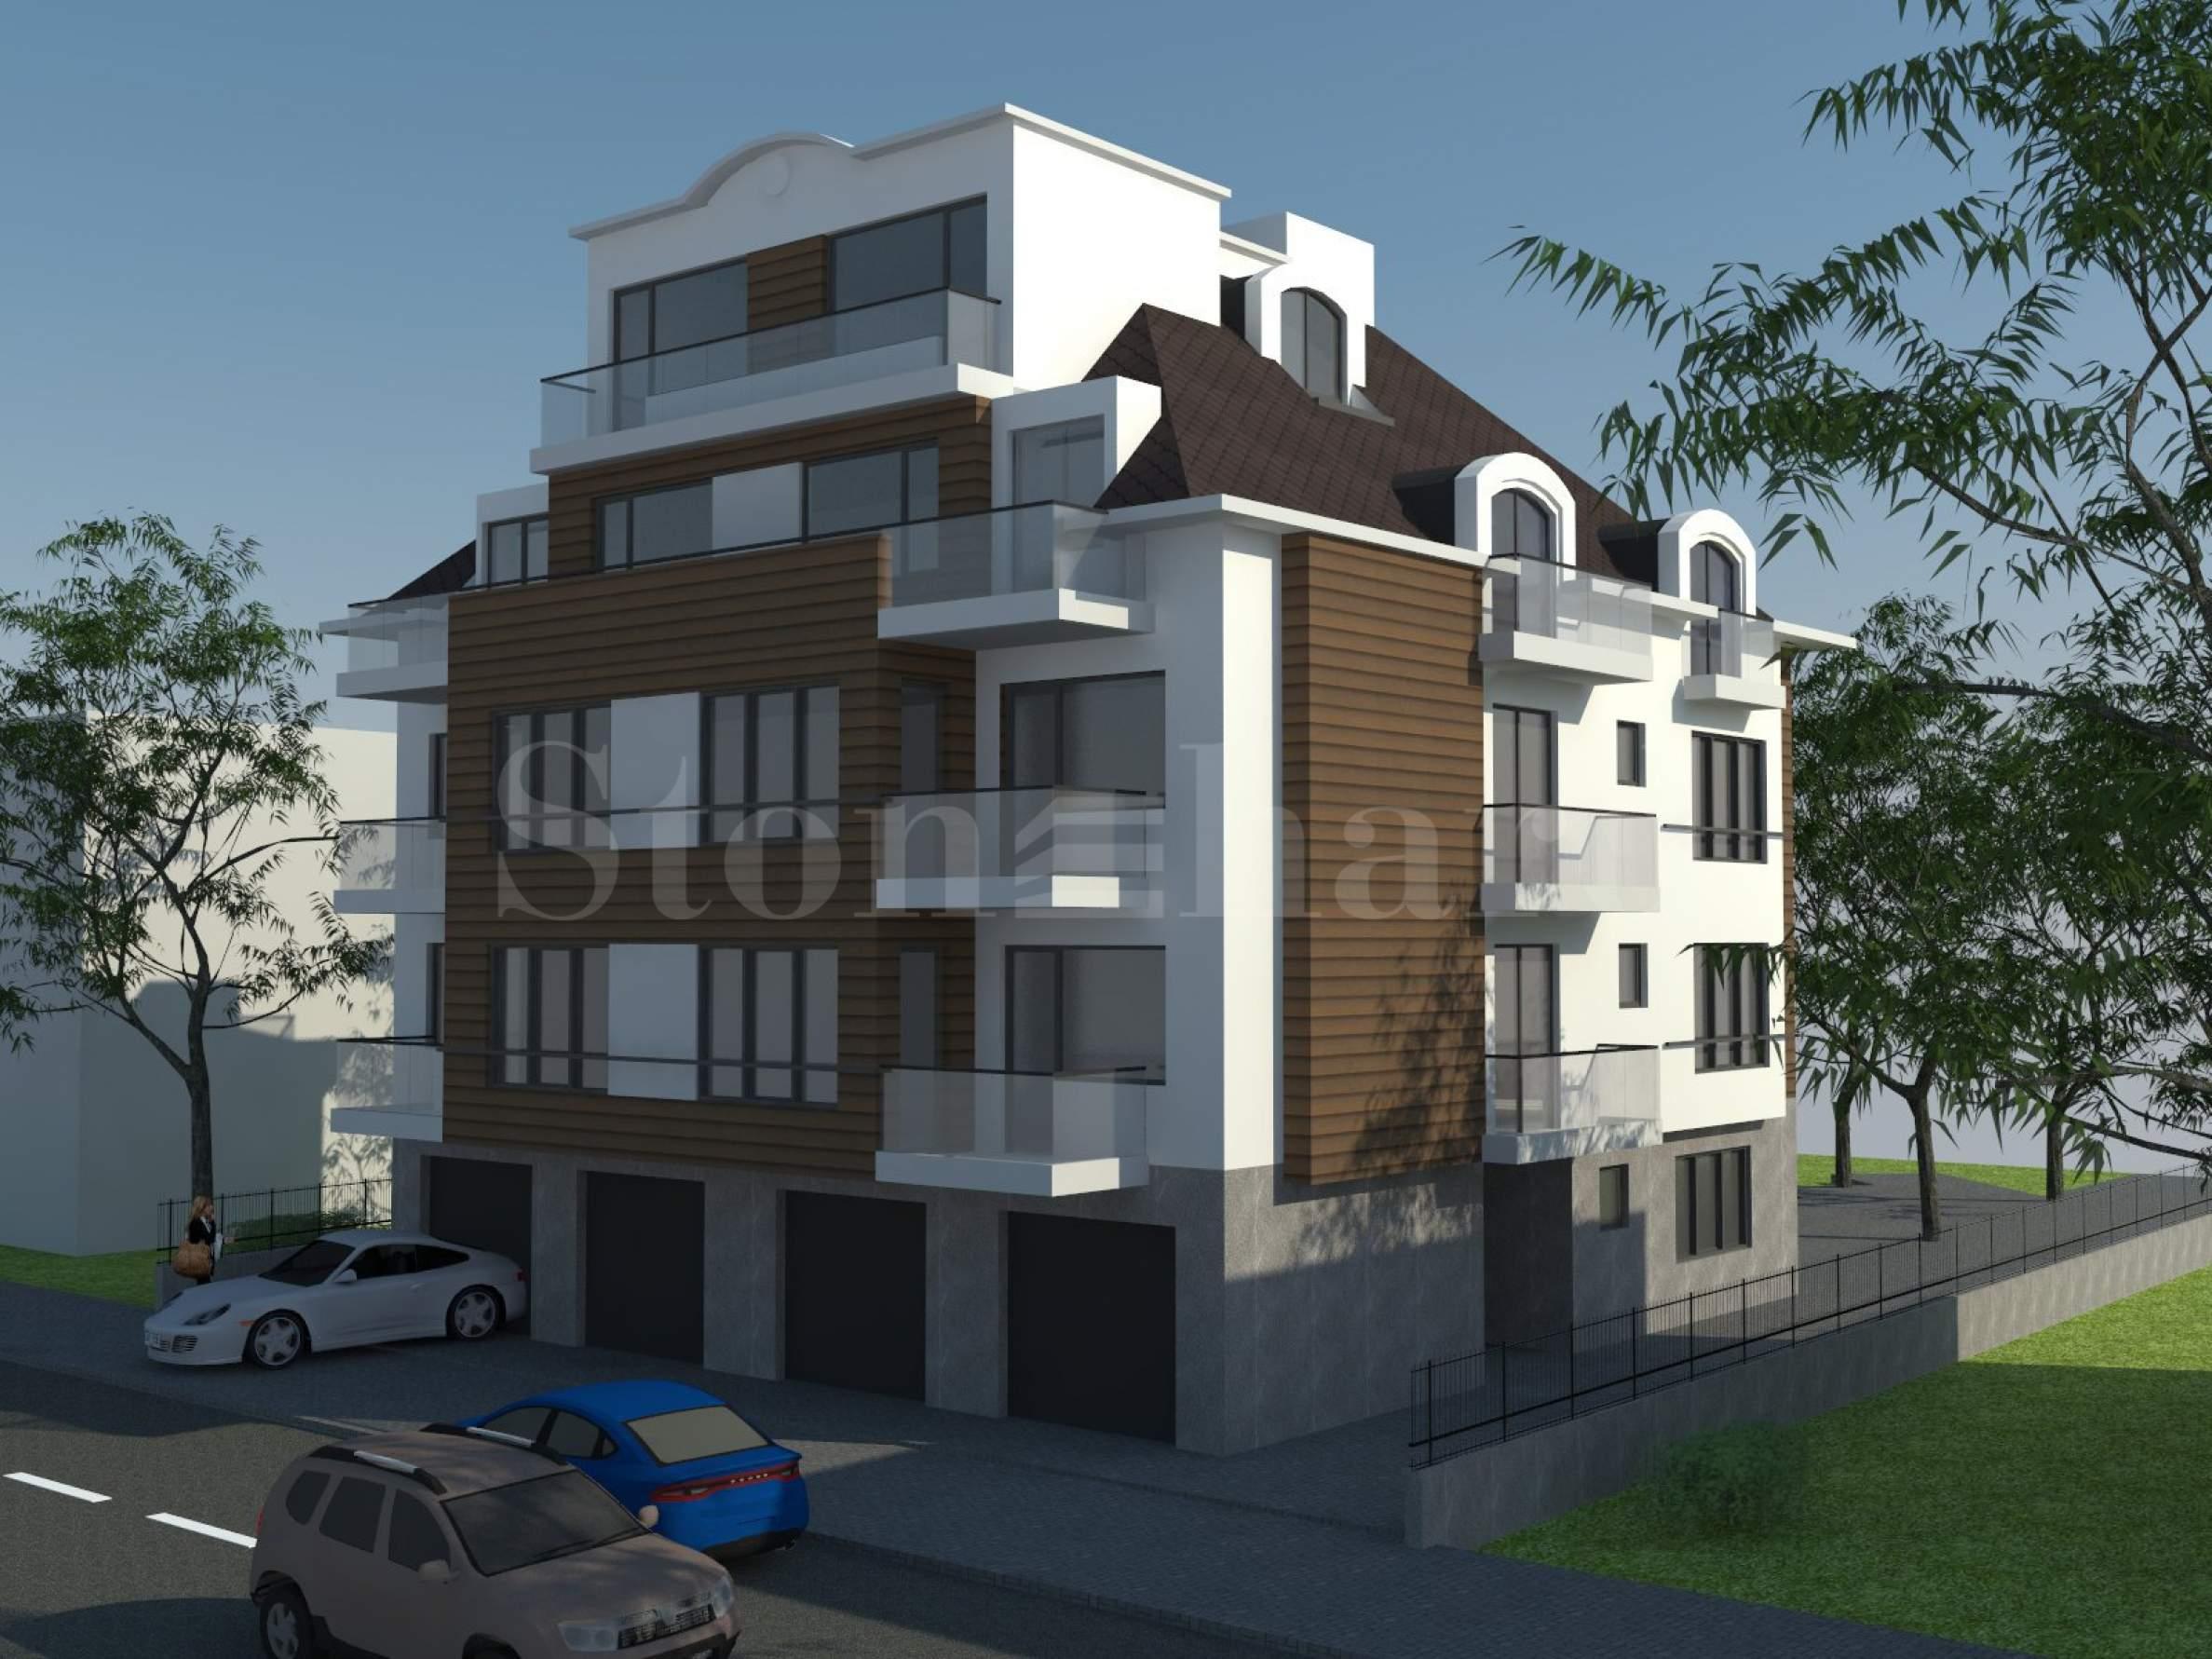 Стилна сграда с апартаменти до бул. Черни връх, кв. Кръстова вада2 - Stonehard